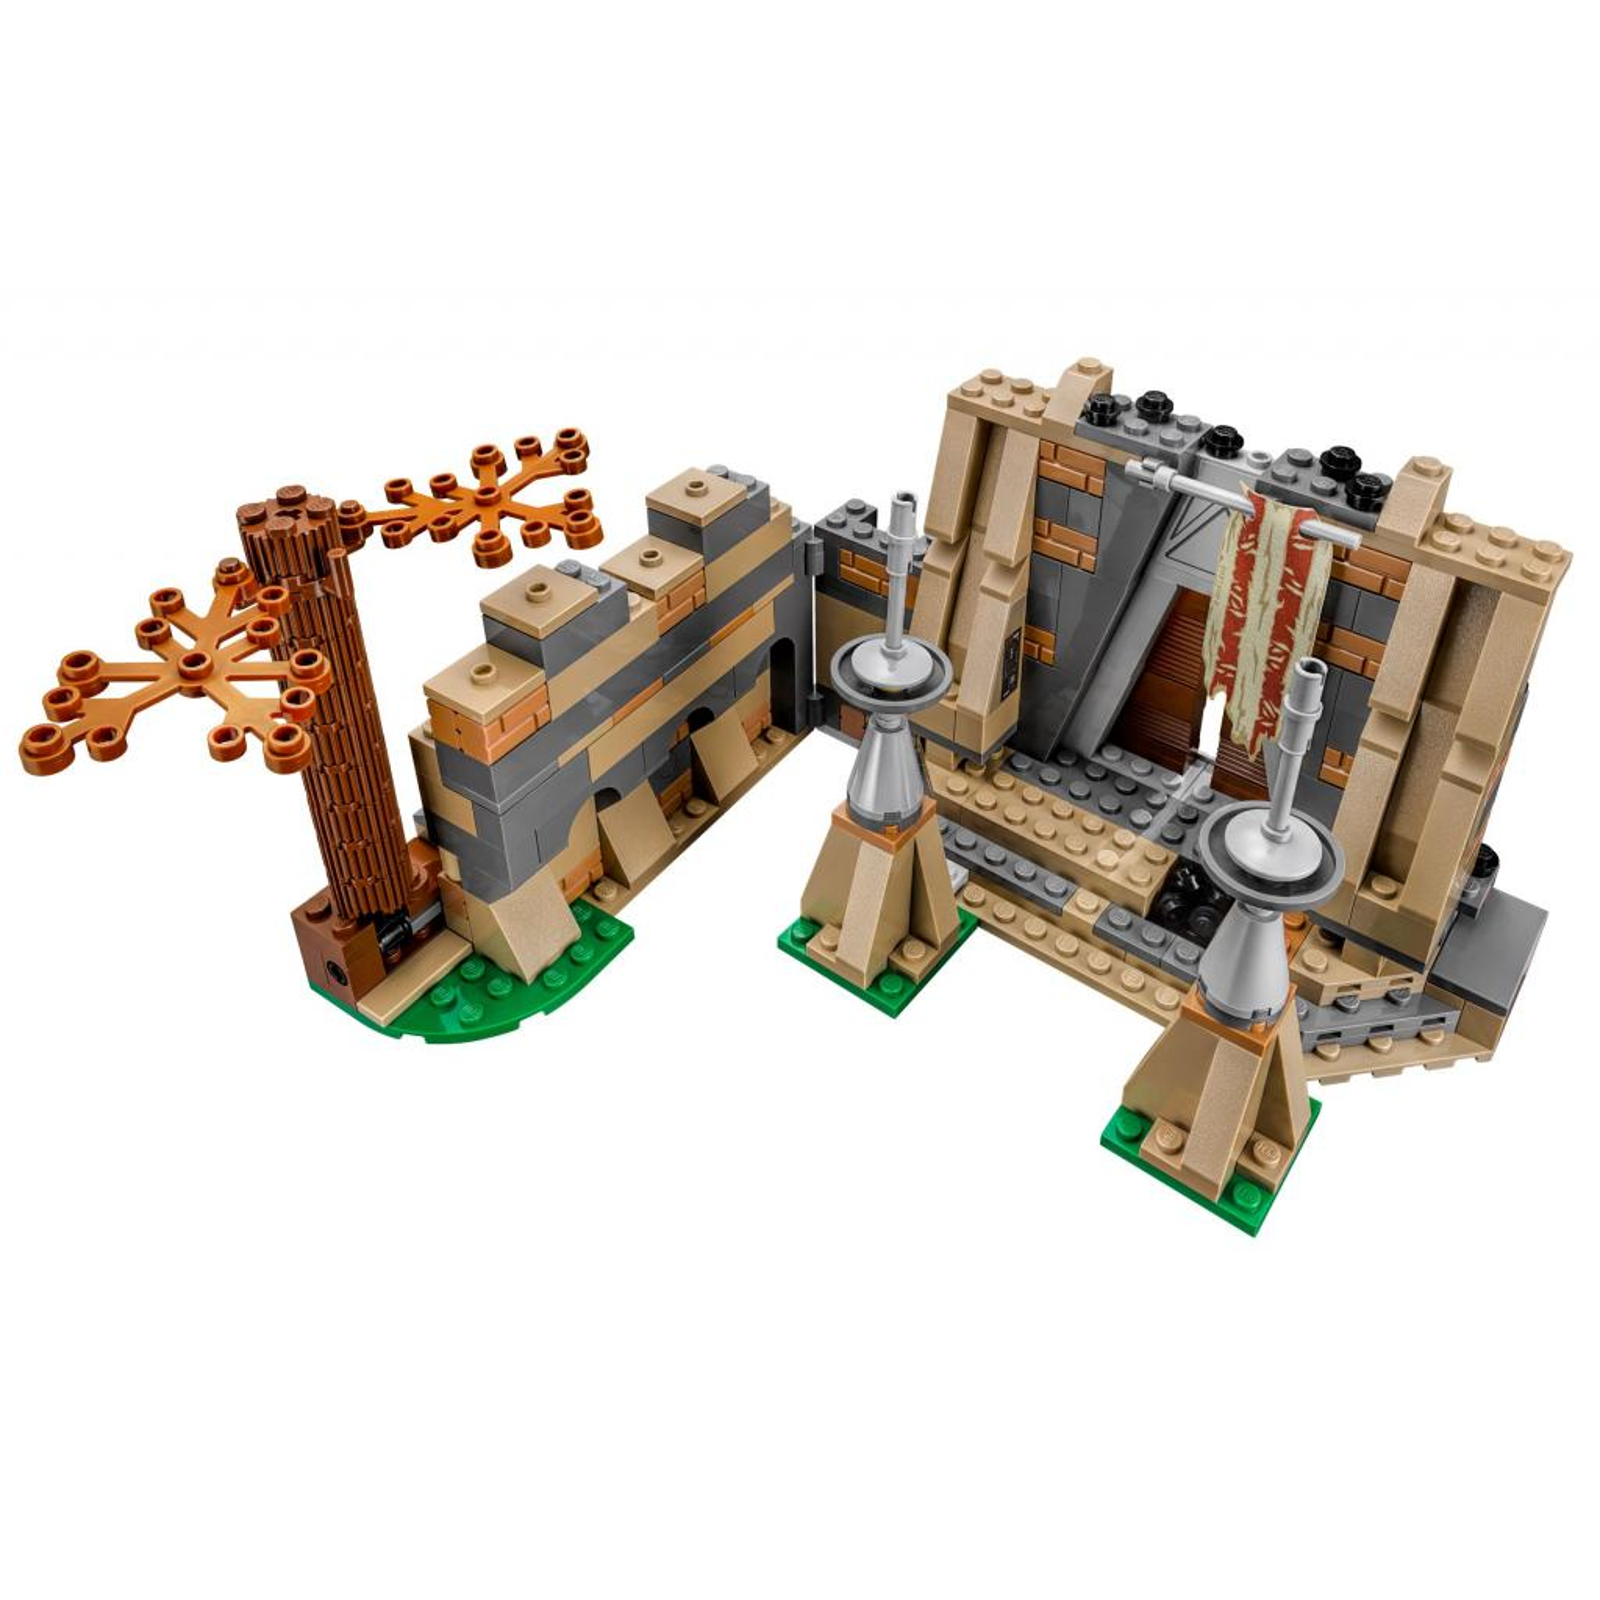 Конструктор LEGO Star Wars Битва на планете Такодана (75139) изображение 4